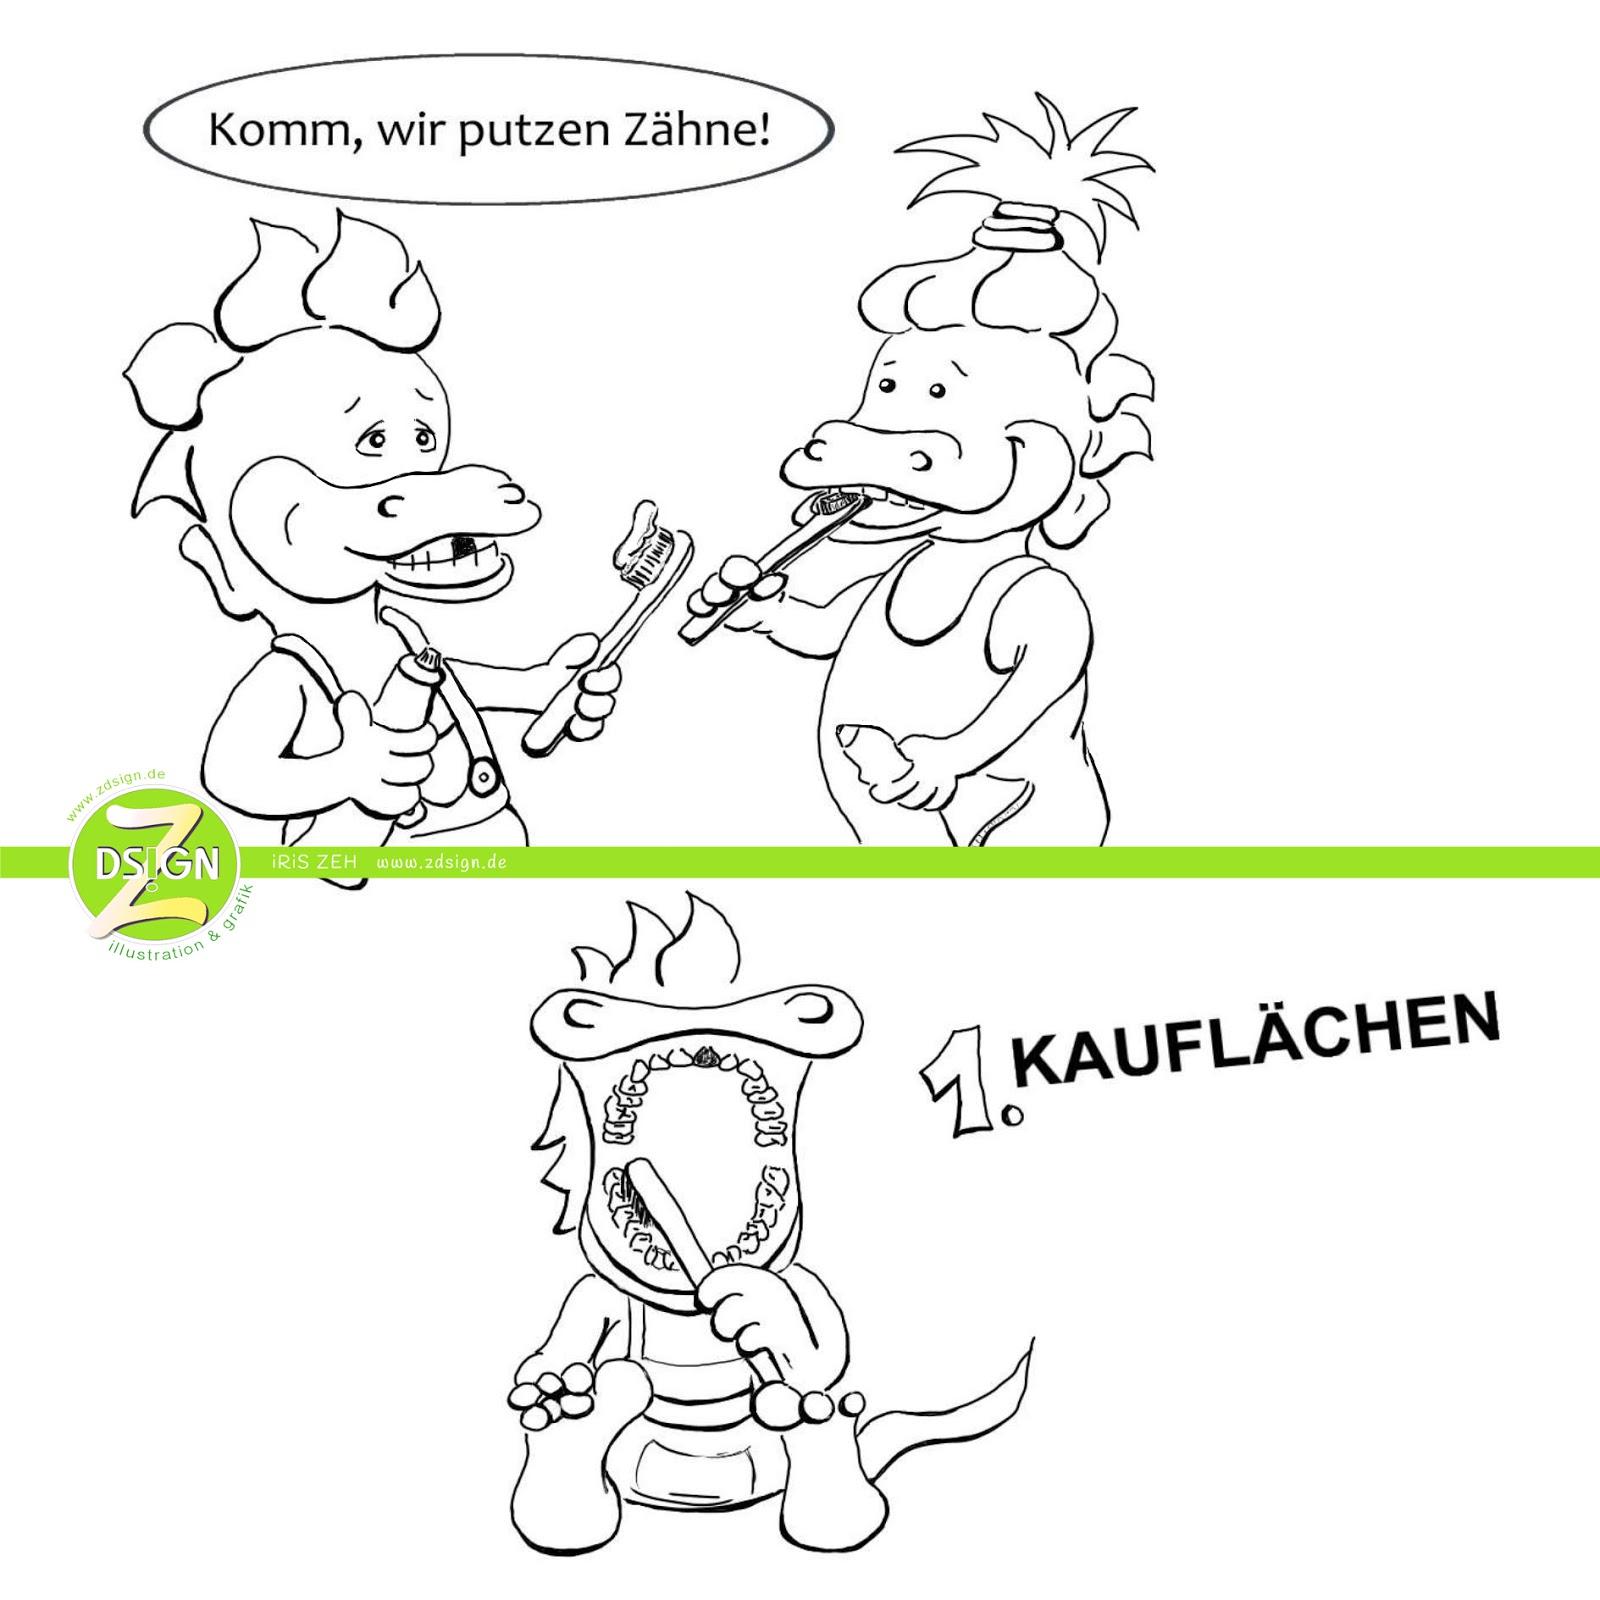 illustrative-Darstellung-wie-putz-ich-richtig-Zähne